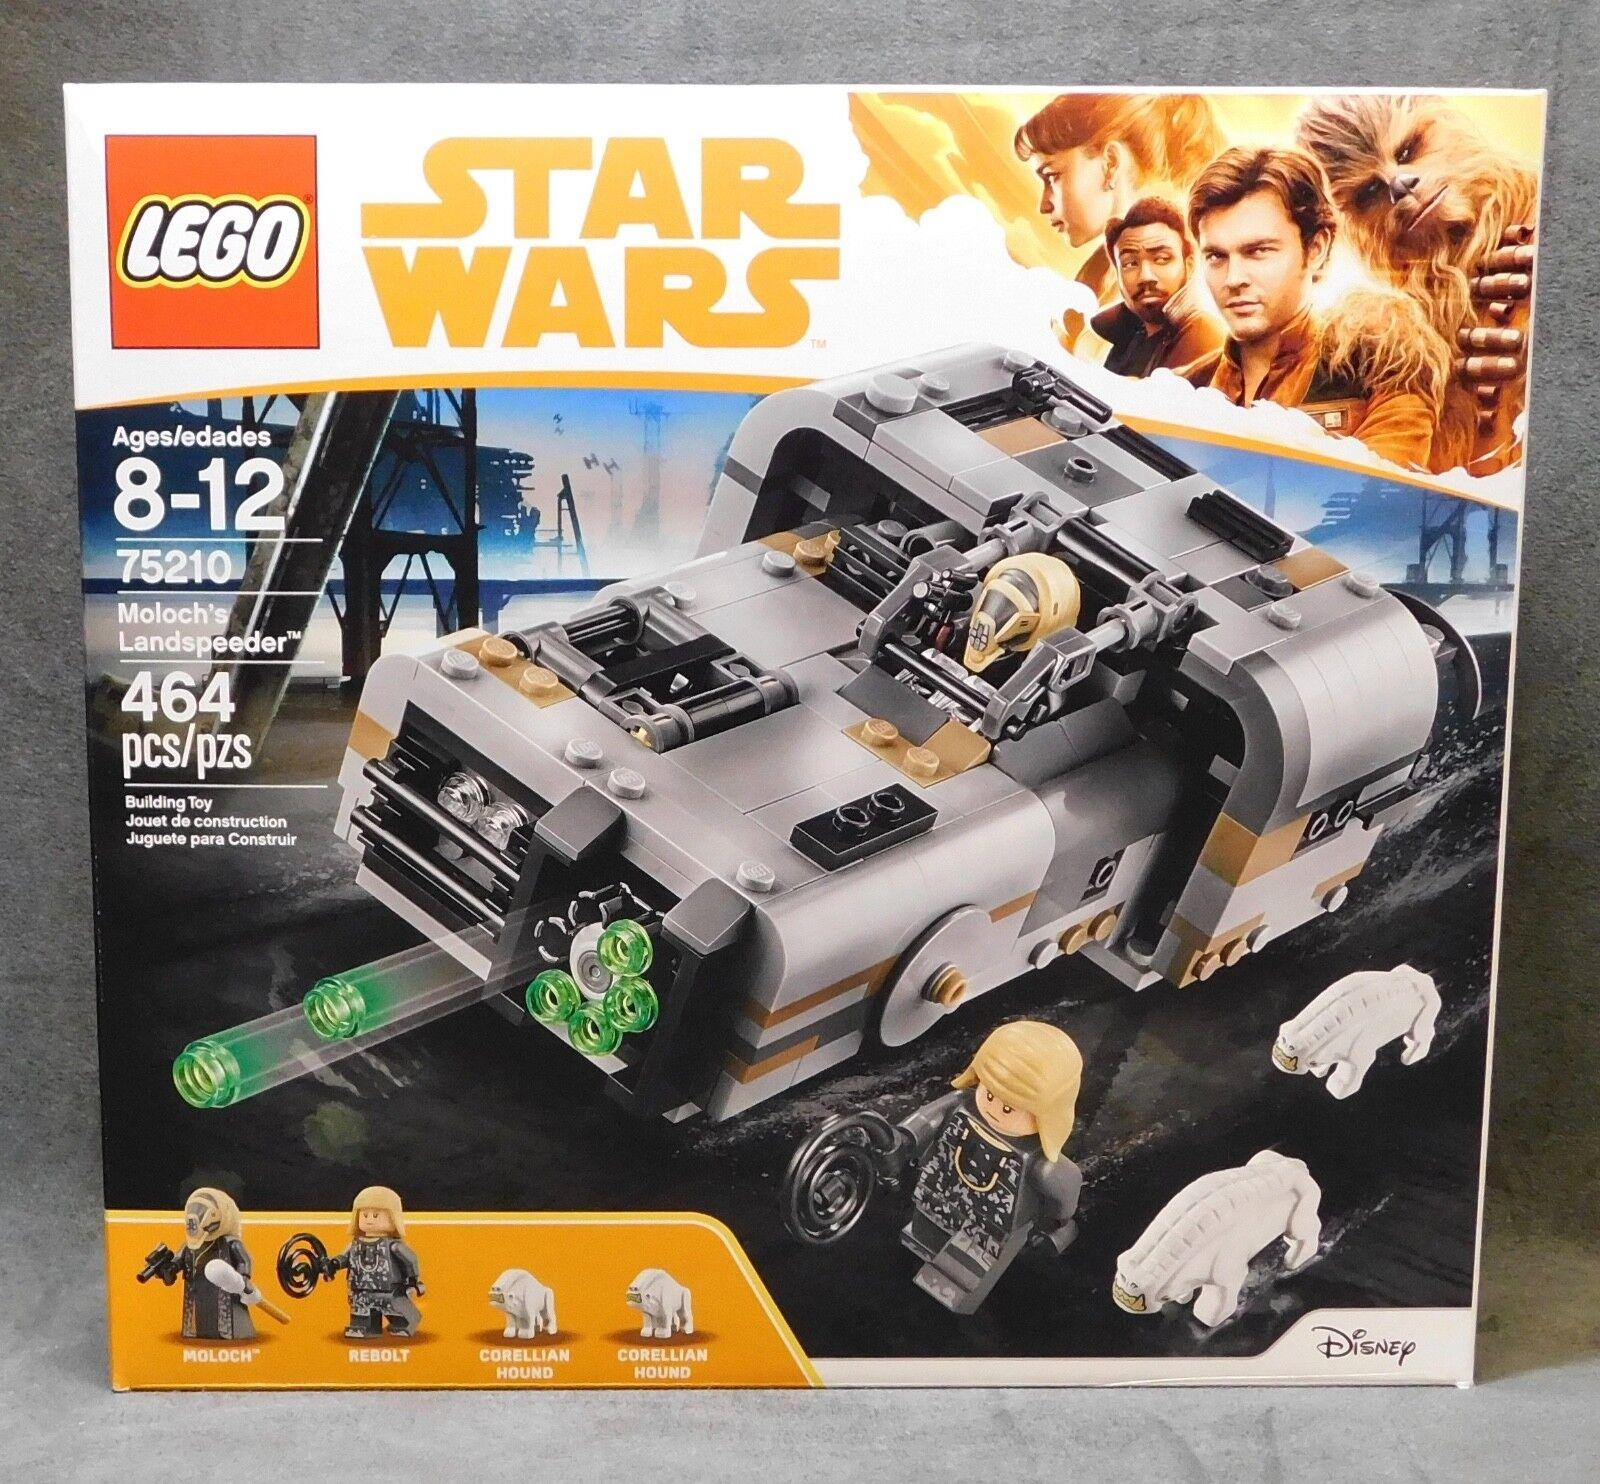 LEGO Star Wars - Moloch's Speeder 75210 - Moloch - Rebolt - Corellian Hound